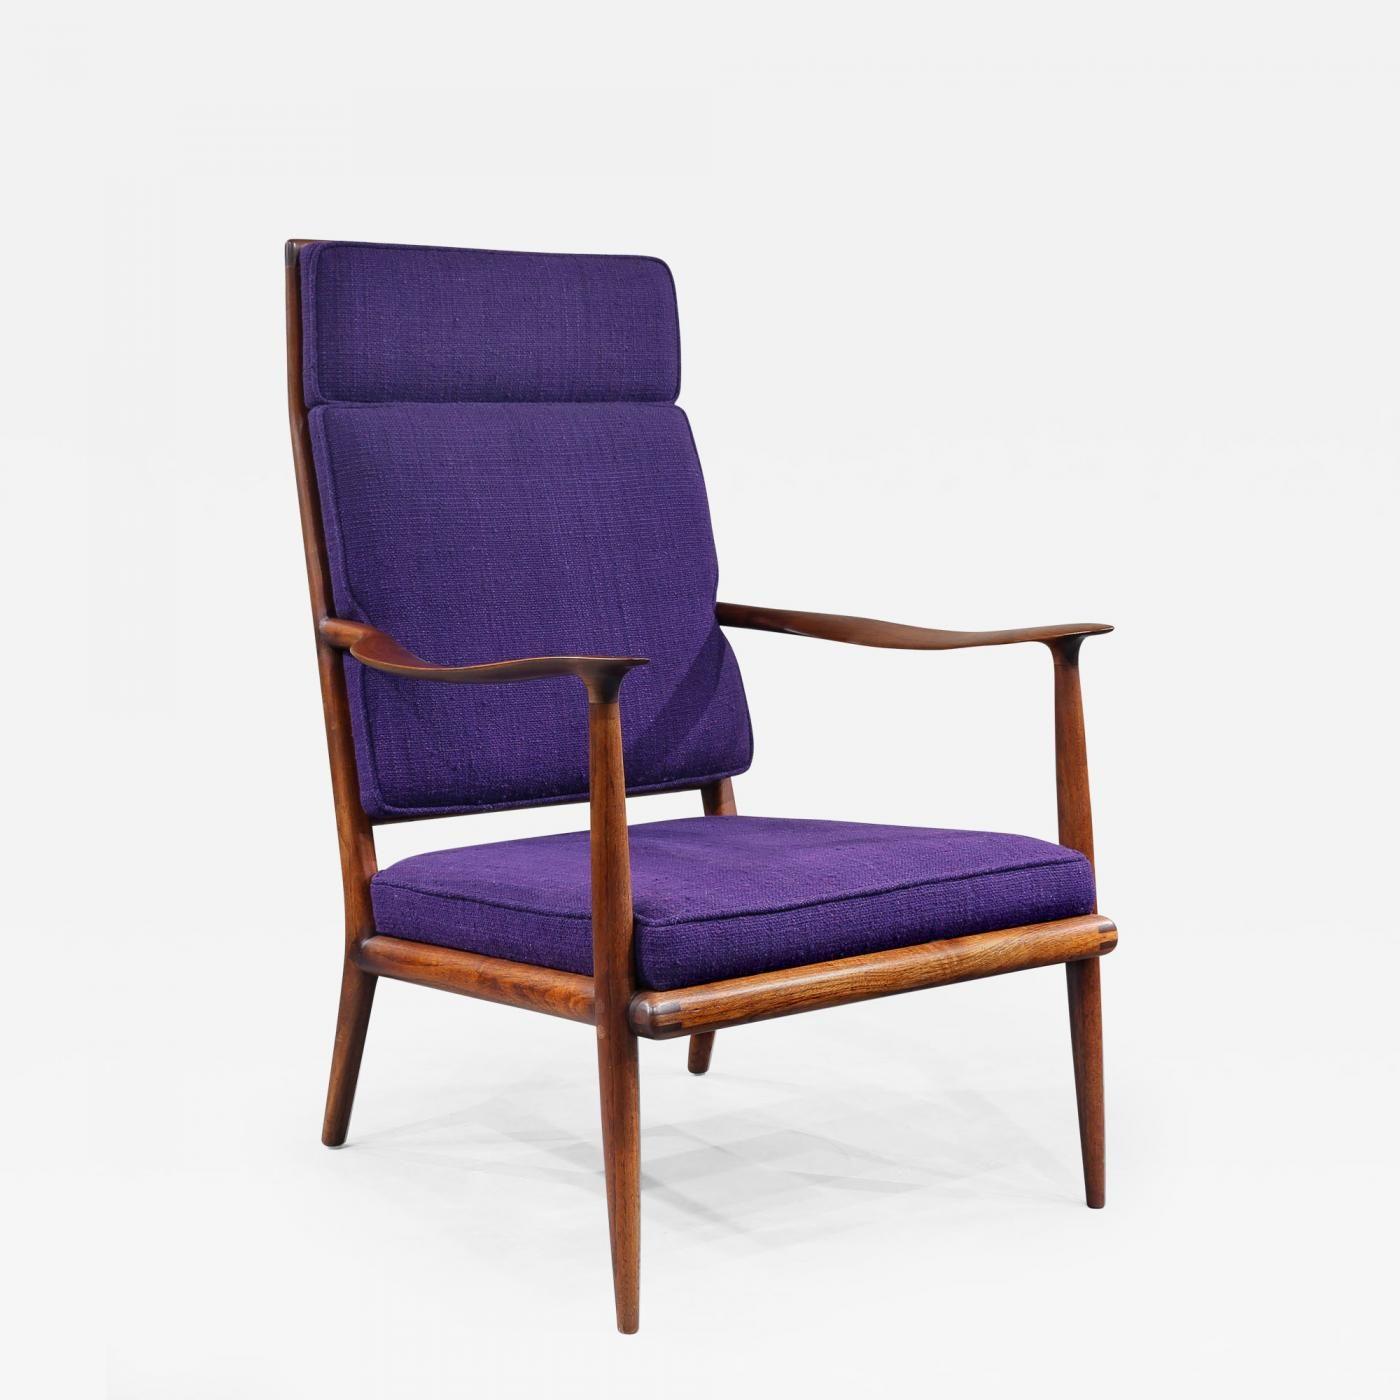 Peachy Stuhl Bequemen Lehnsessel Taste Sessel Wildleder Sessel Pdpeps Interior Chair Design Pdpepsorg